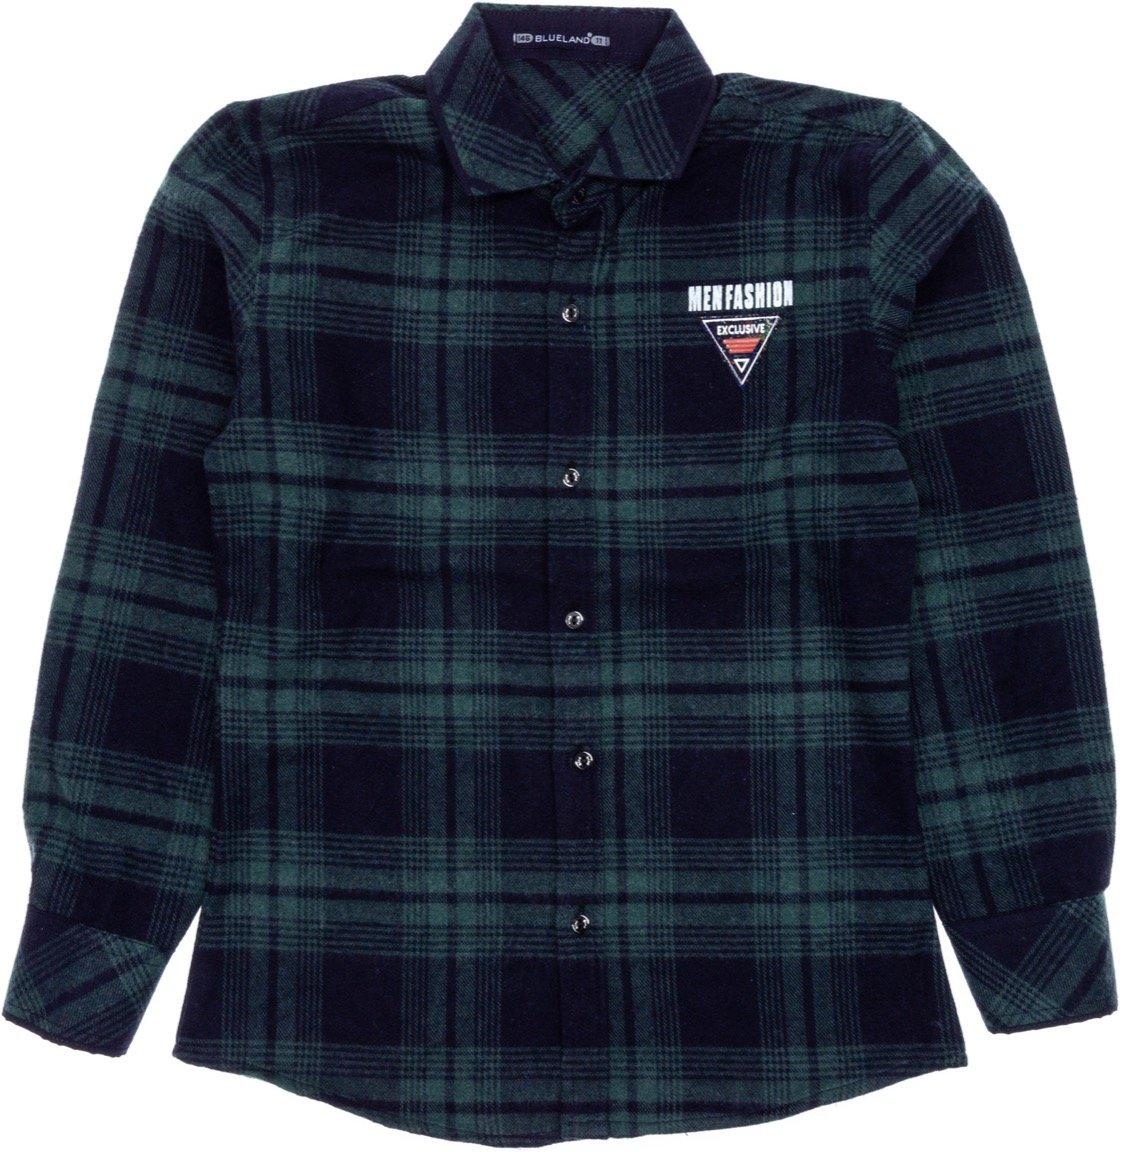 Blueland παιδικό πουκάμισο «Green Limited Edition»